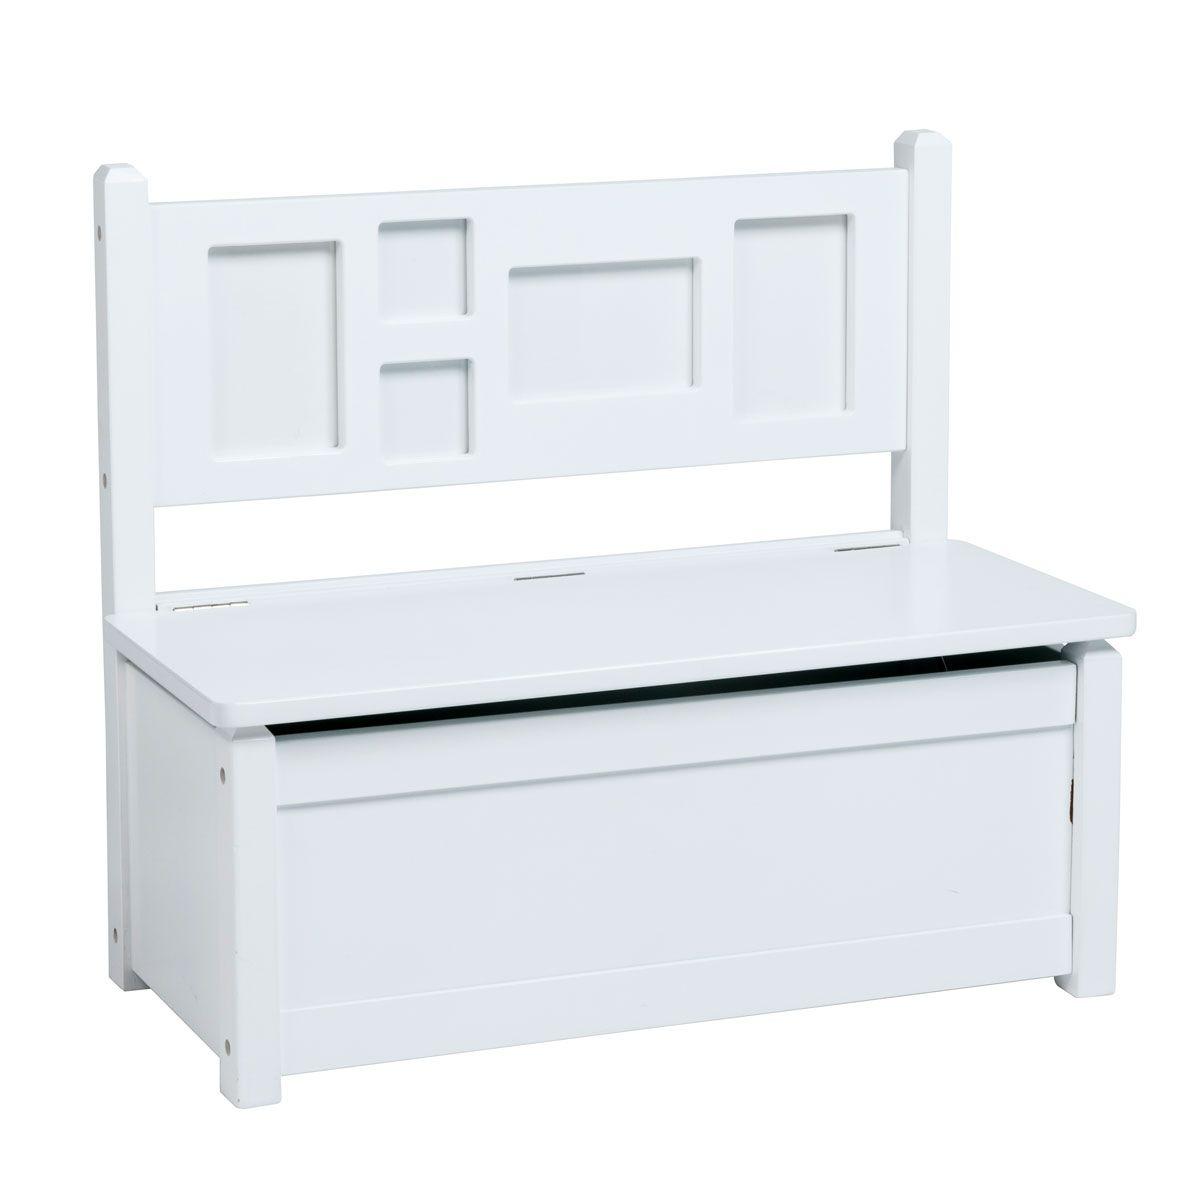 retrouvez notre slection de banc coffre propose par oxybul pour la chambre duenfant a la fois. Black Bedroom Furniture Sets. Home Design Ideas